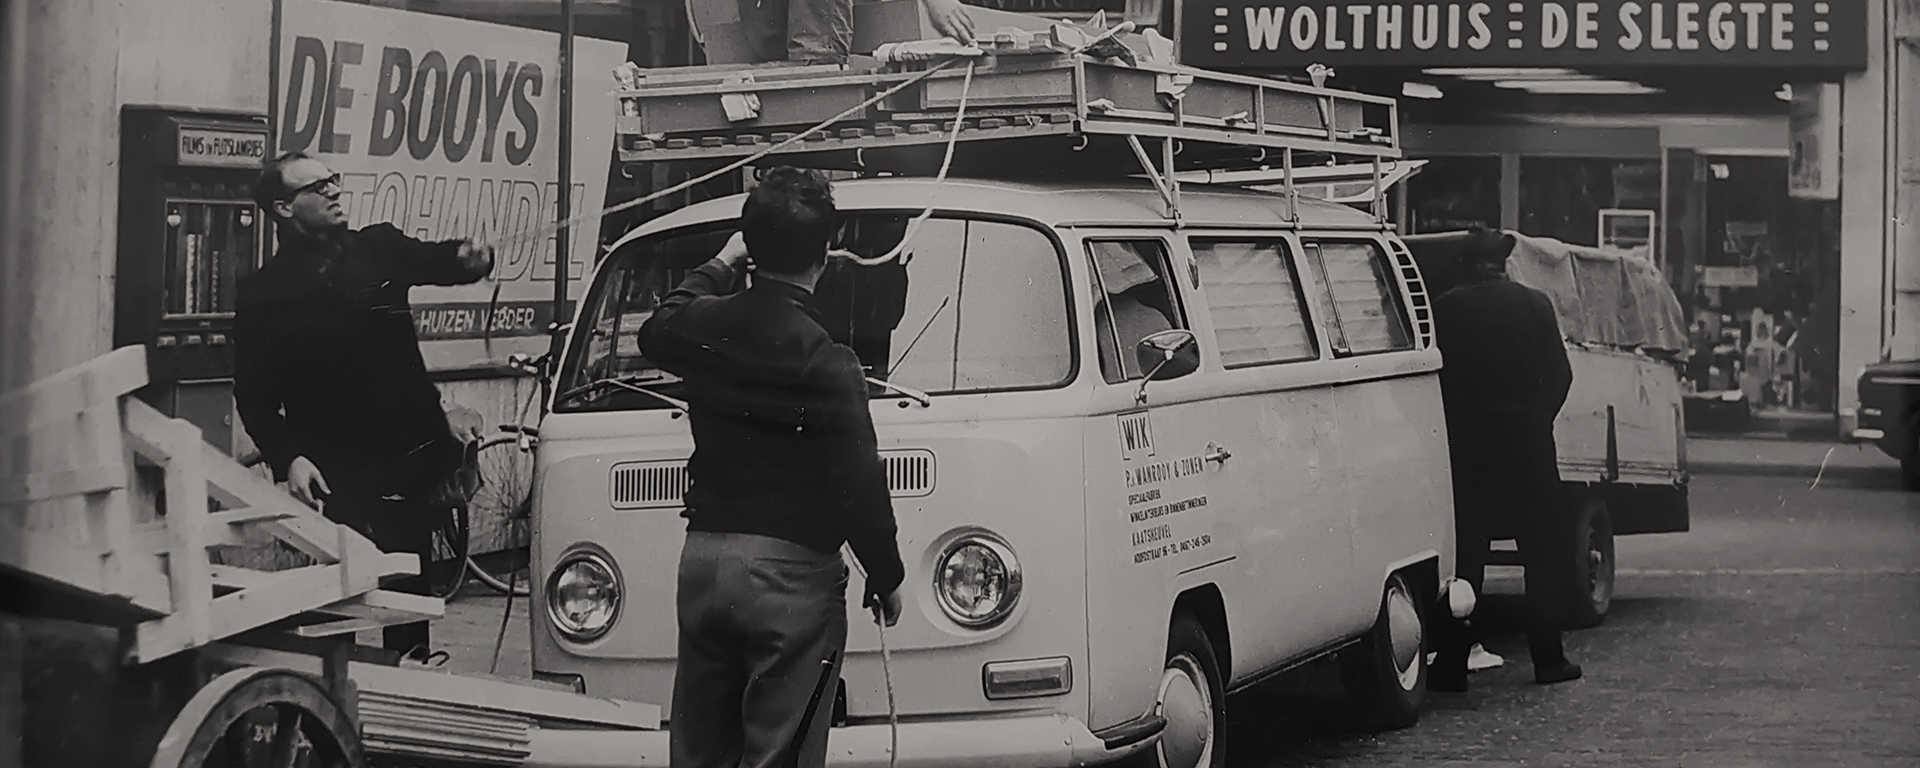 Historie bus 1920-768